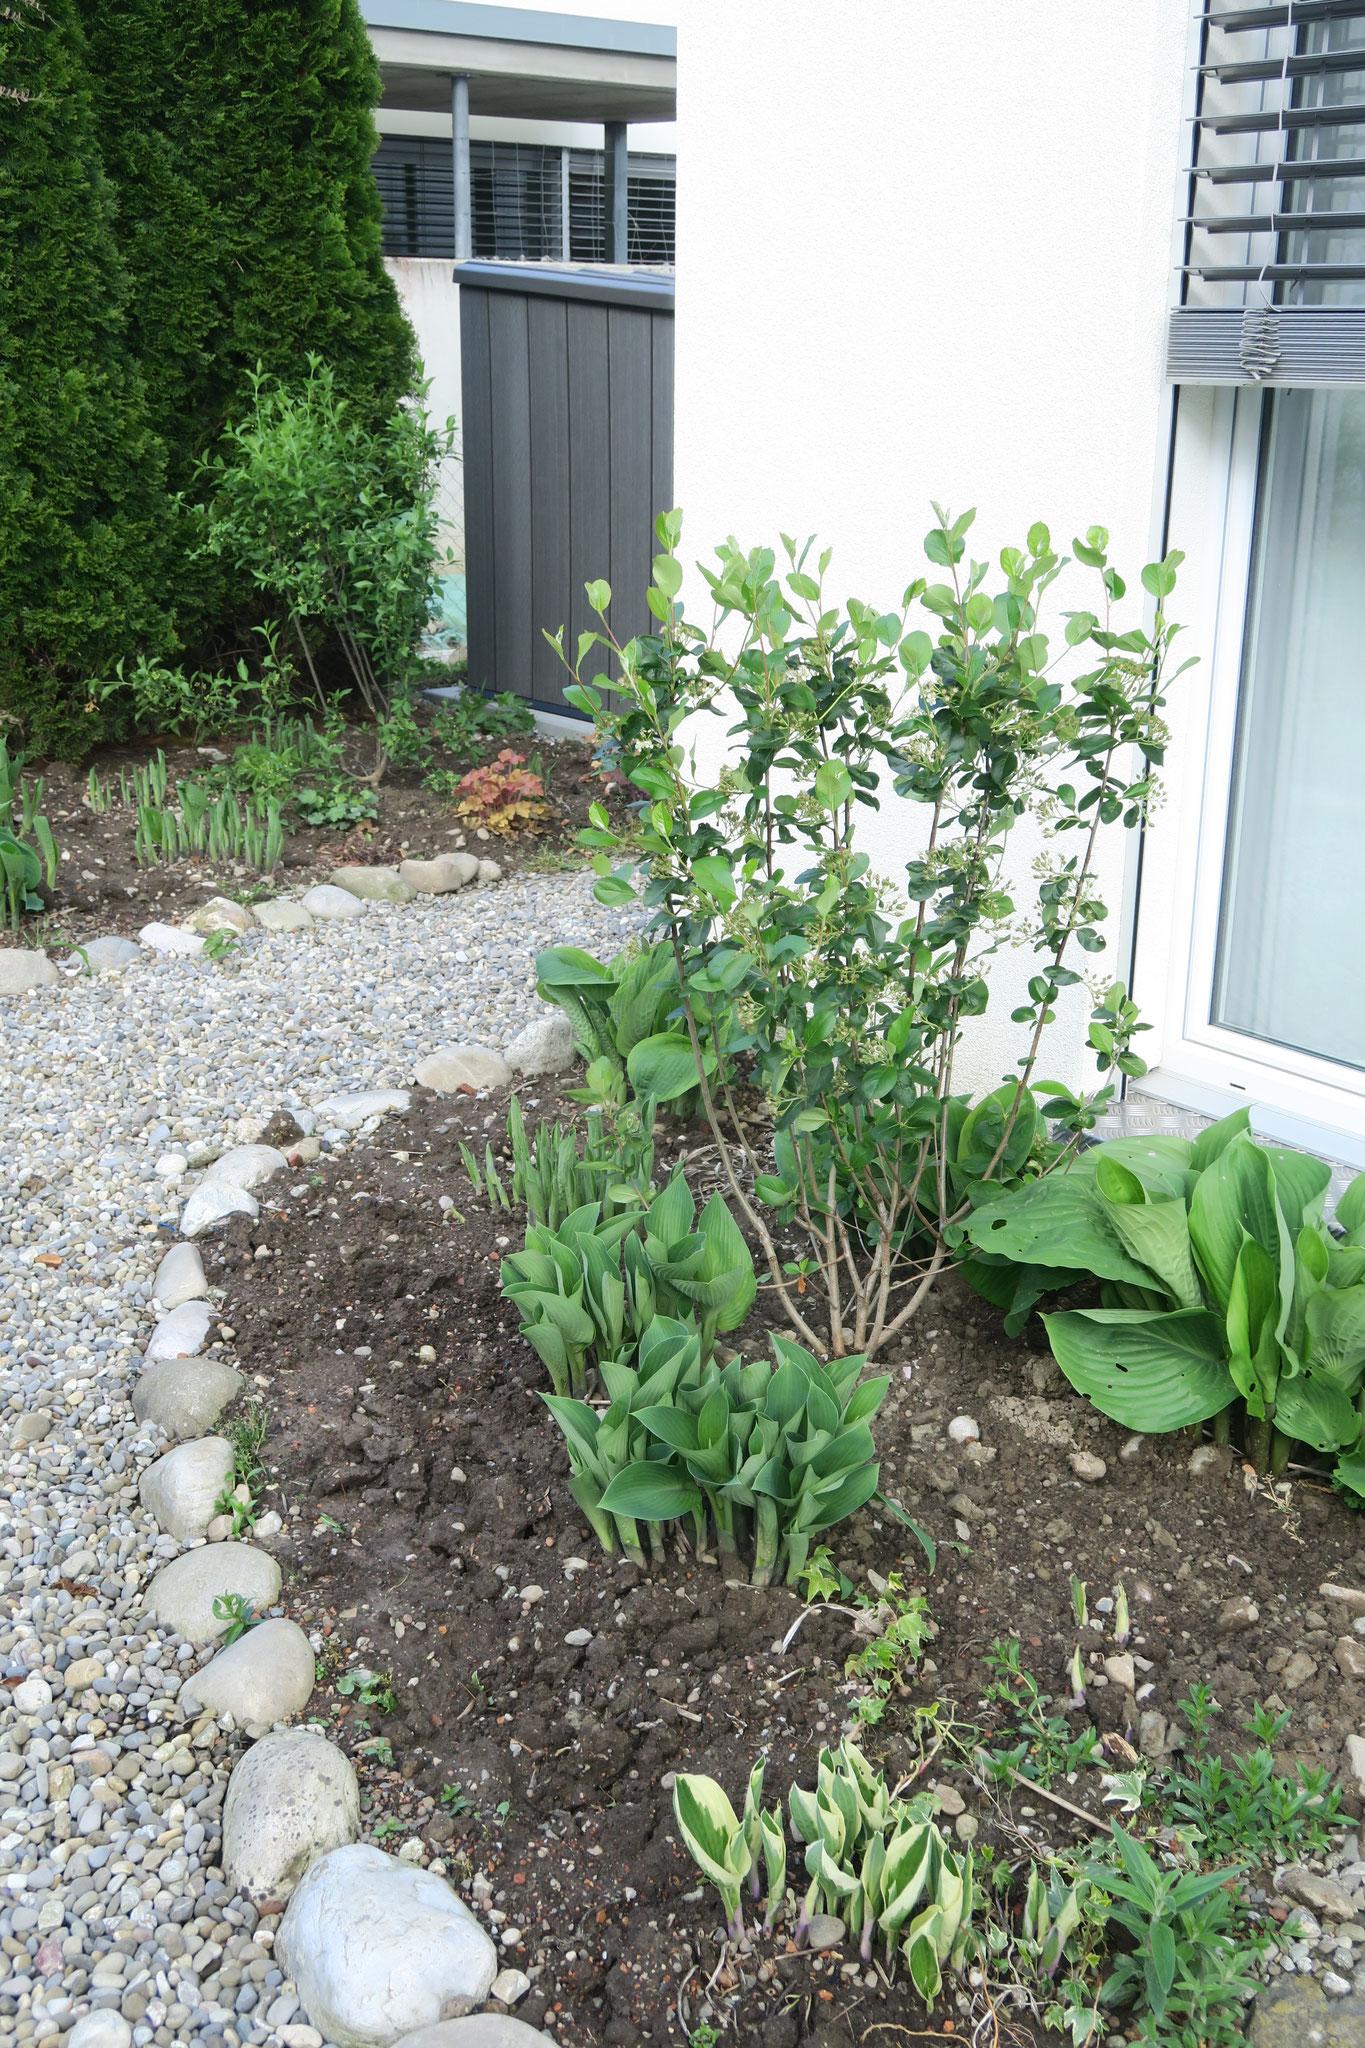 Neubepflanzung nach Gartenberatung: Aronia und Pfaffenhütchen